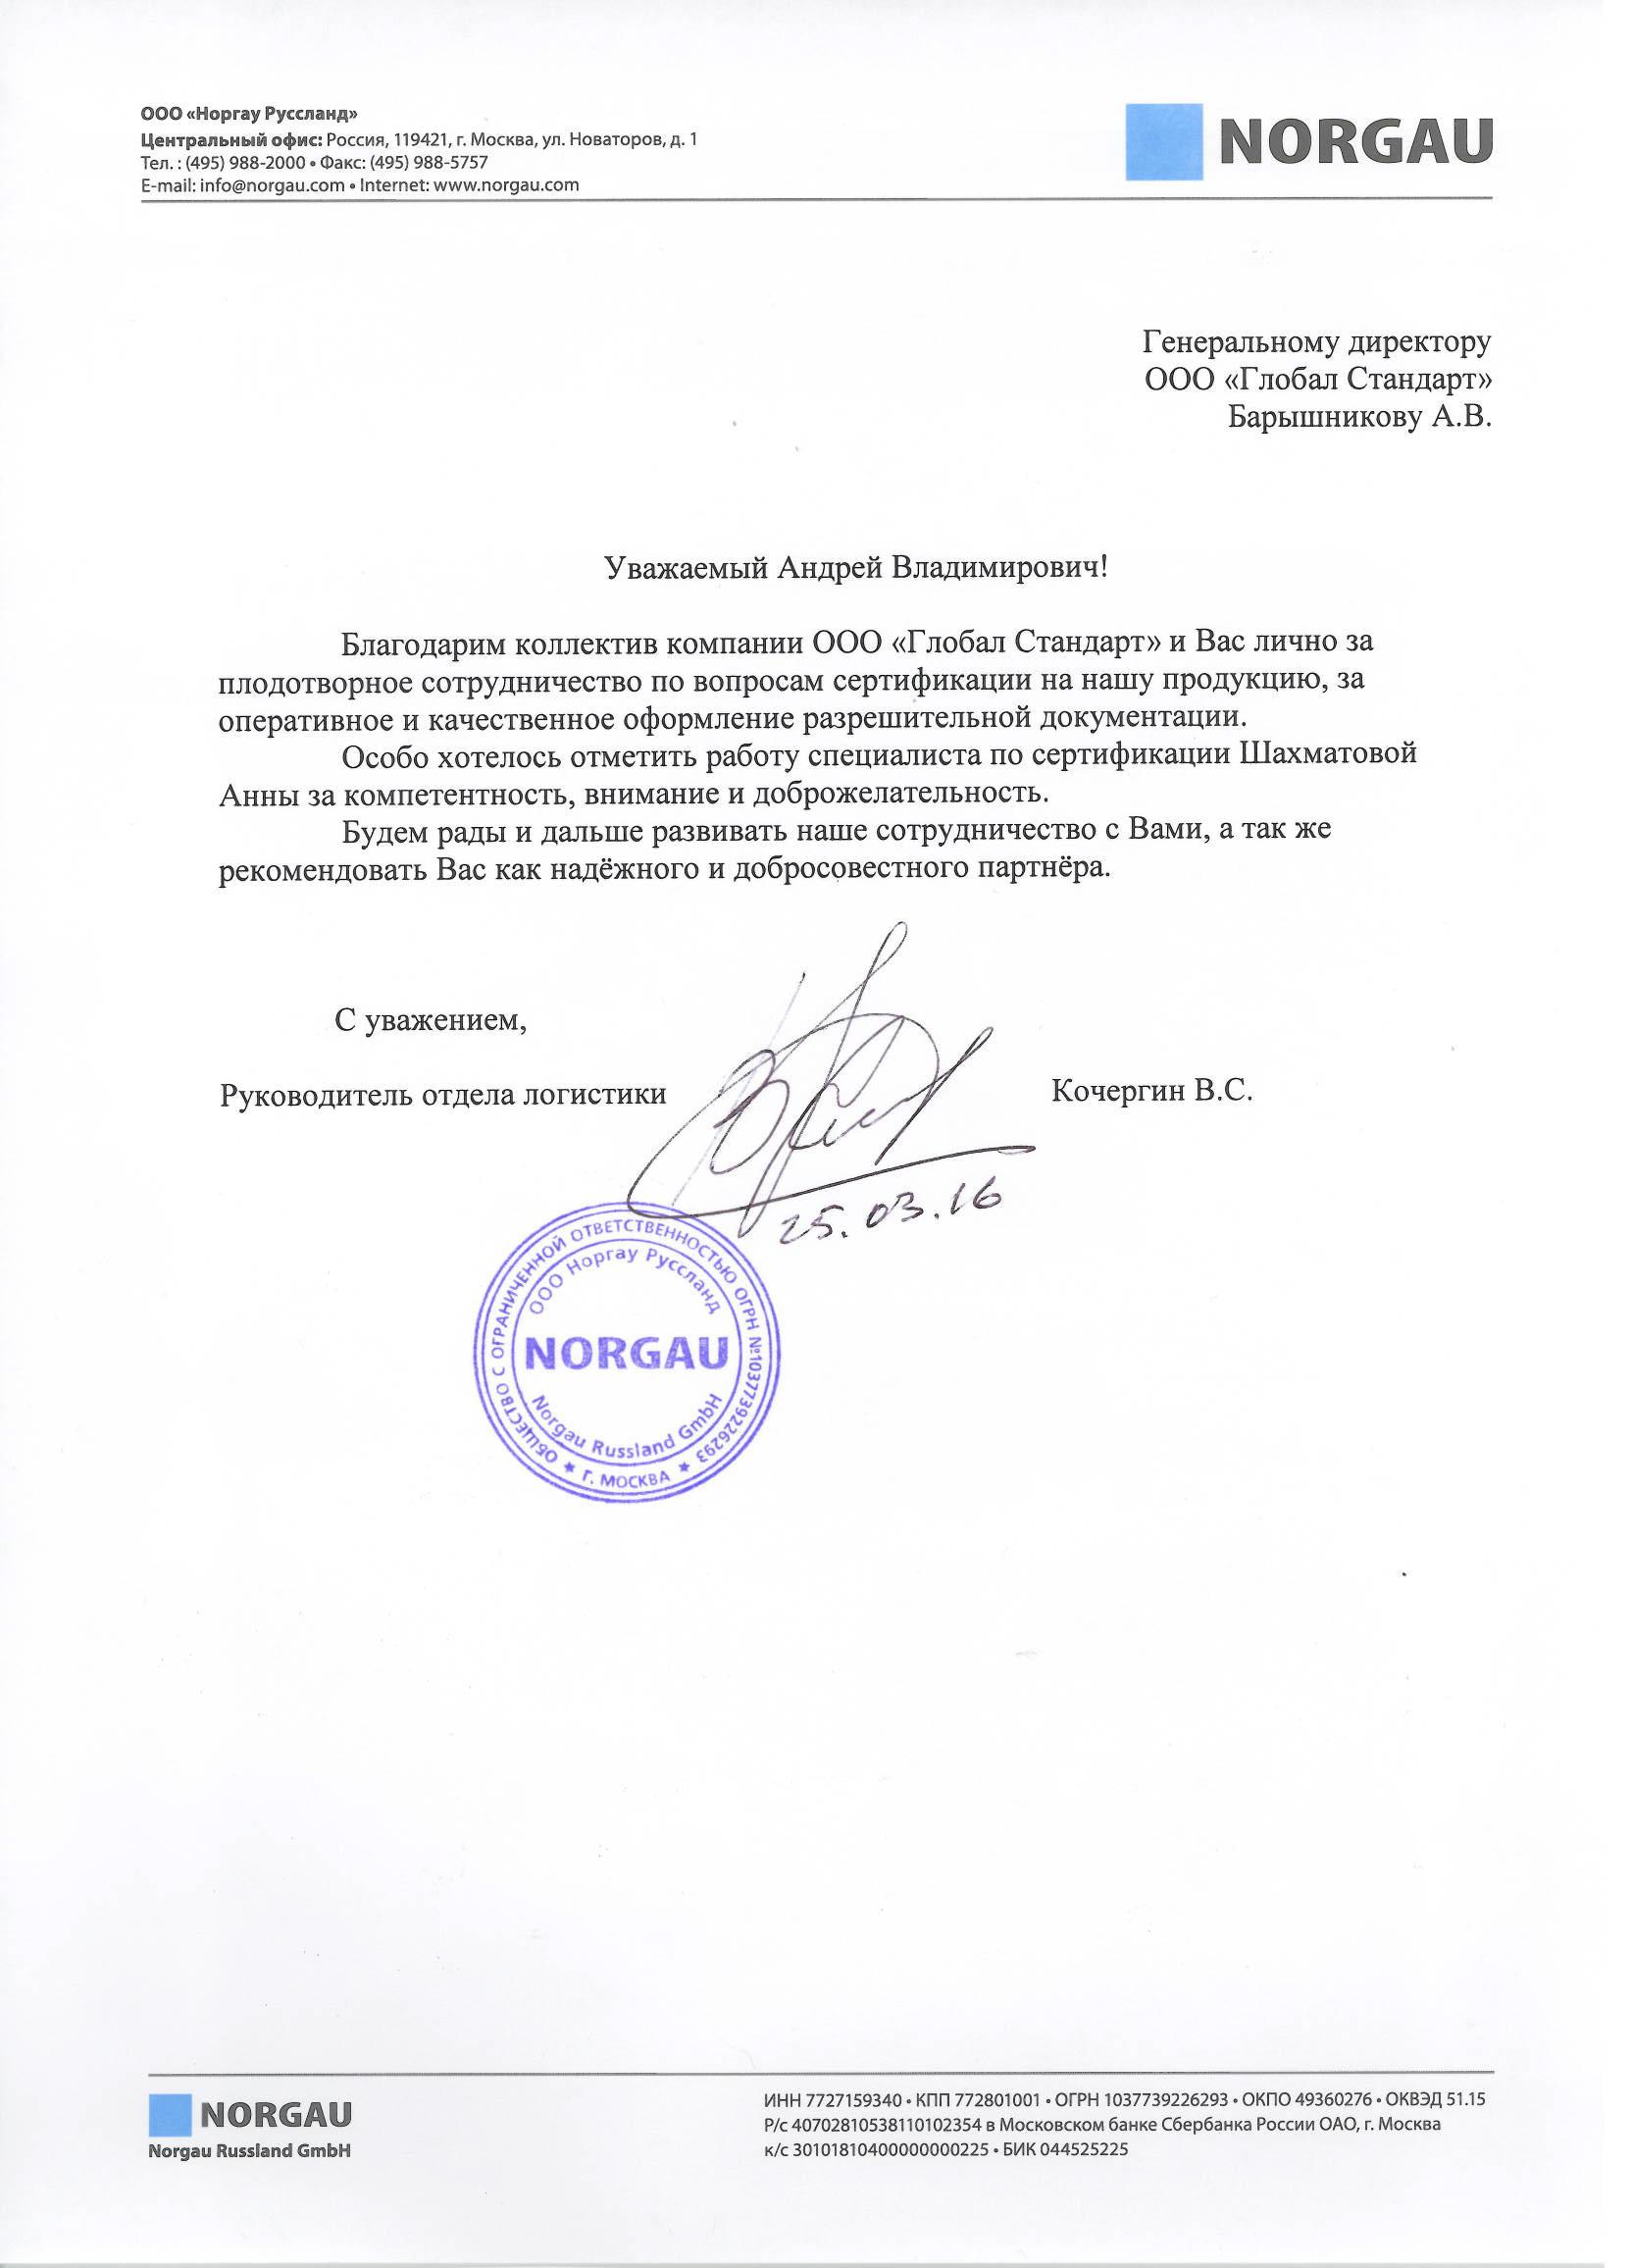 благодарственное-письмо-в-орган-по-сертификации-норгау